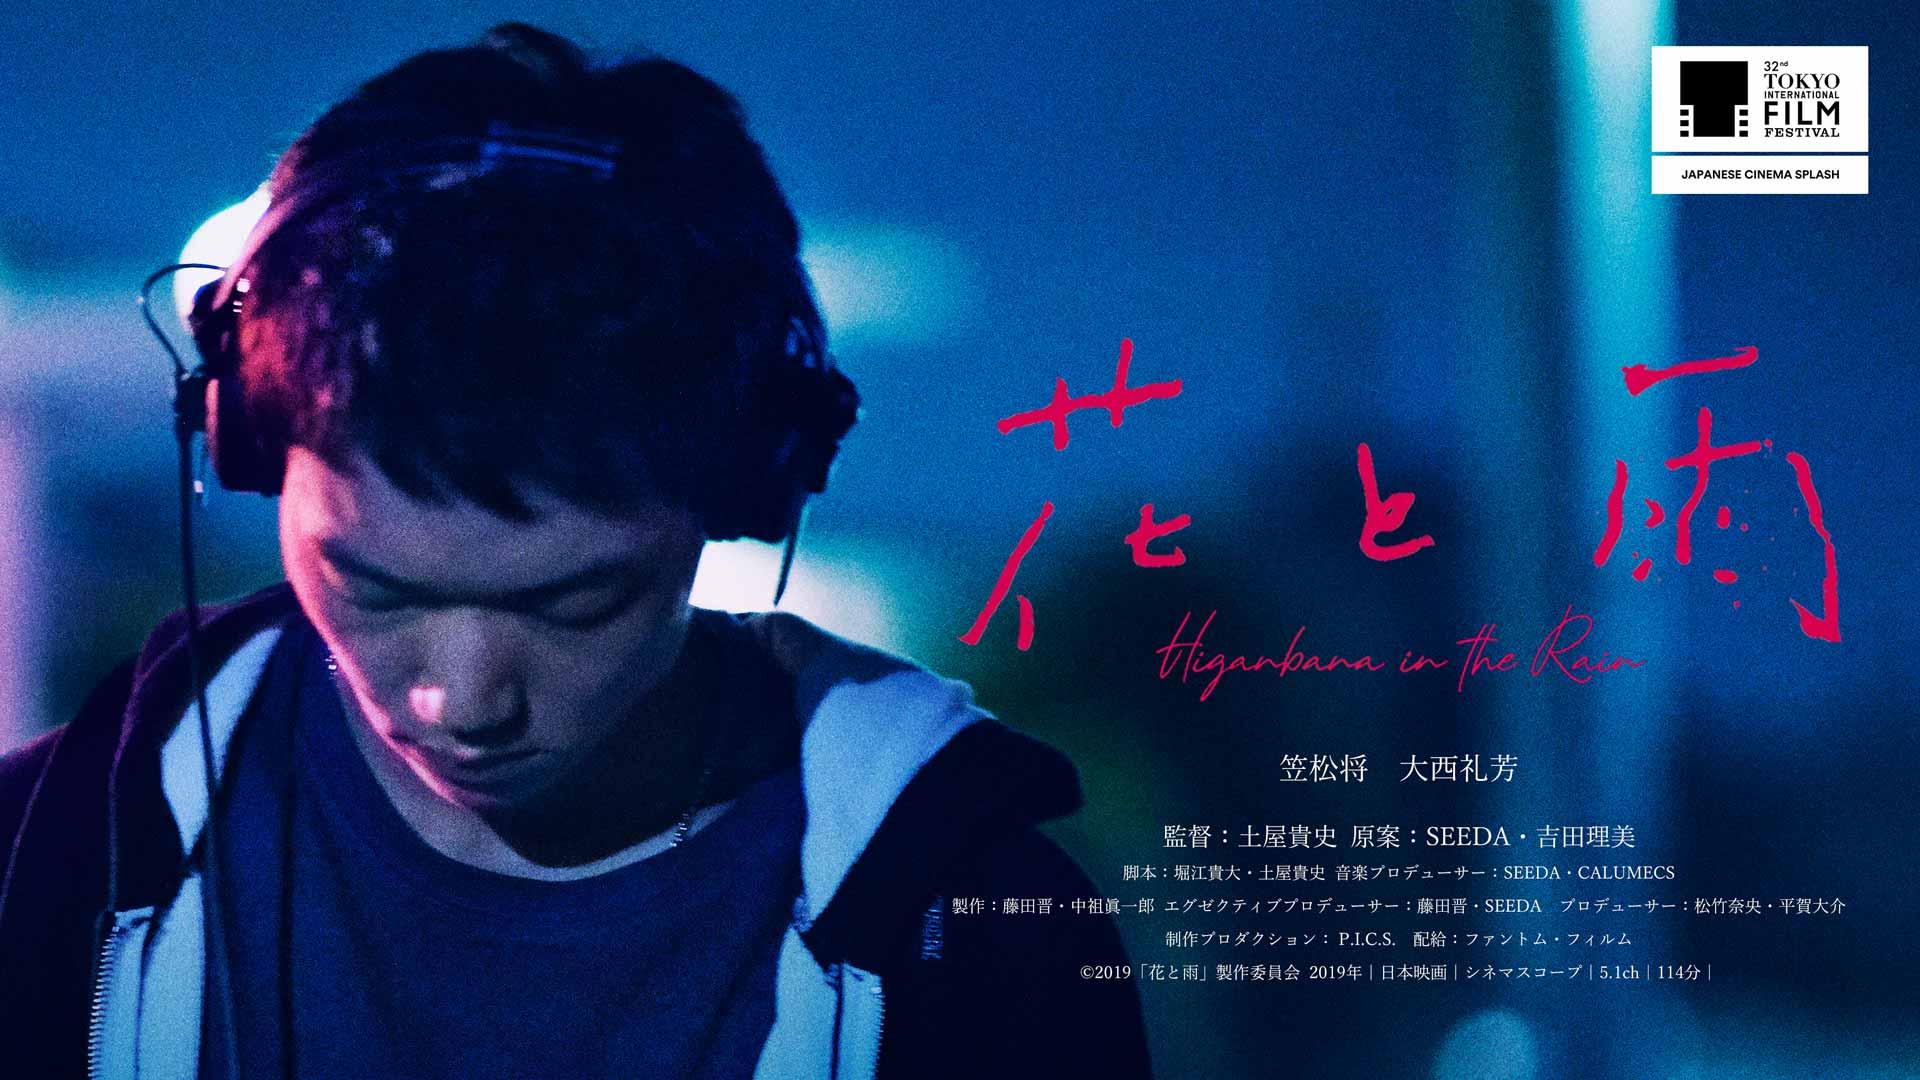 映画「花と雨」本日1月17日(金)公開